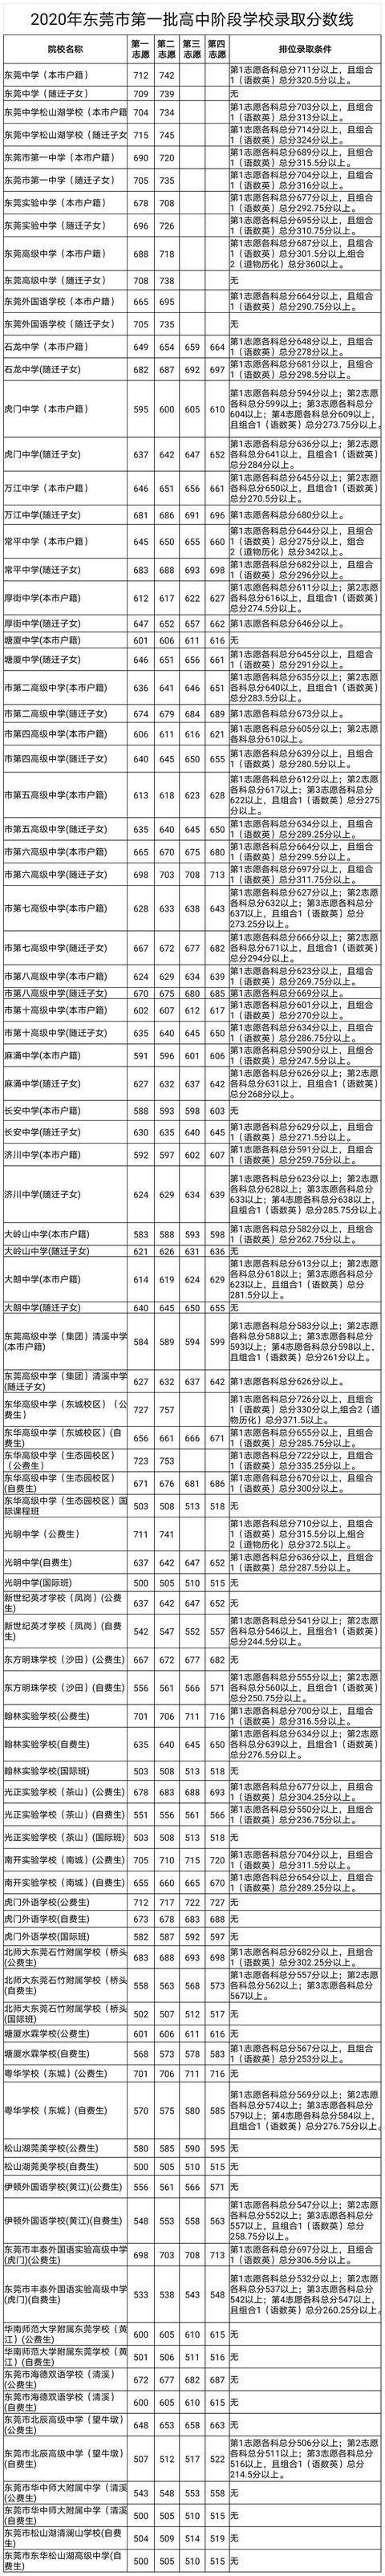 东莞2020年中考第一批录取分数线公布